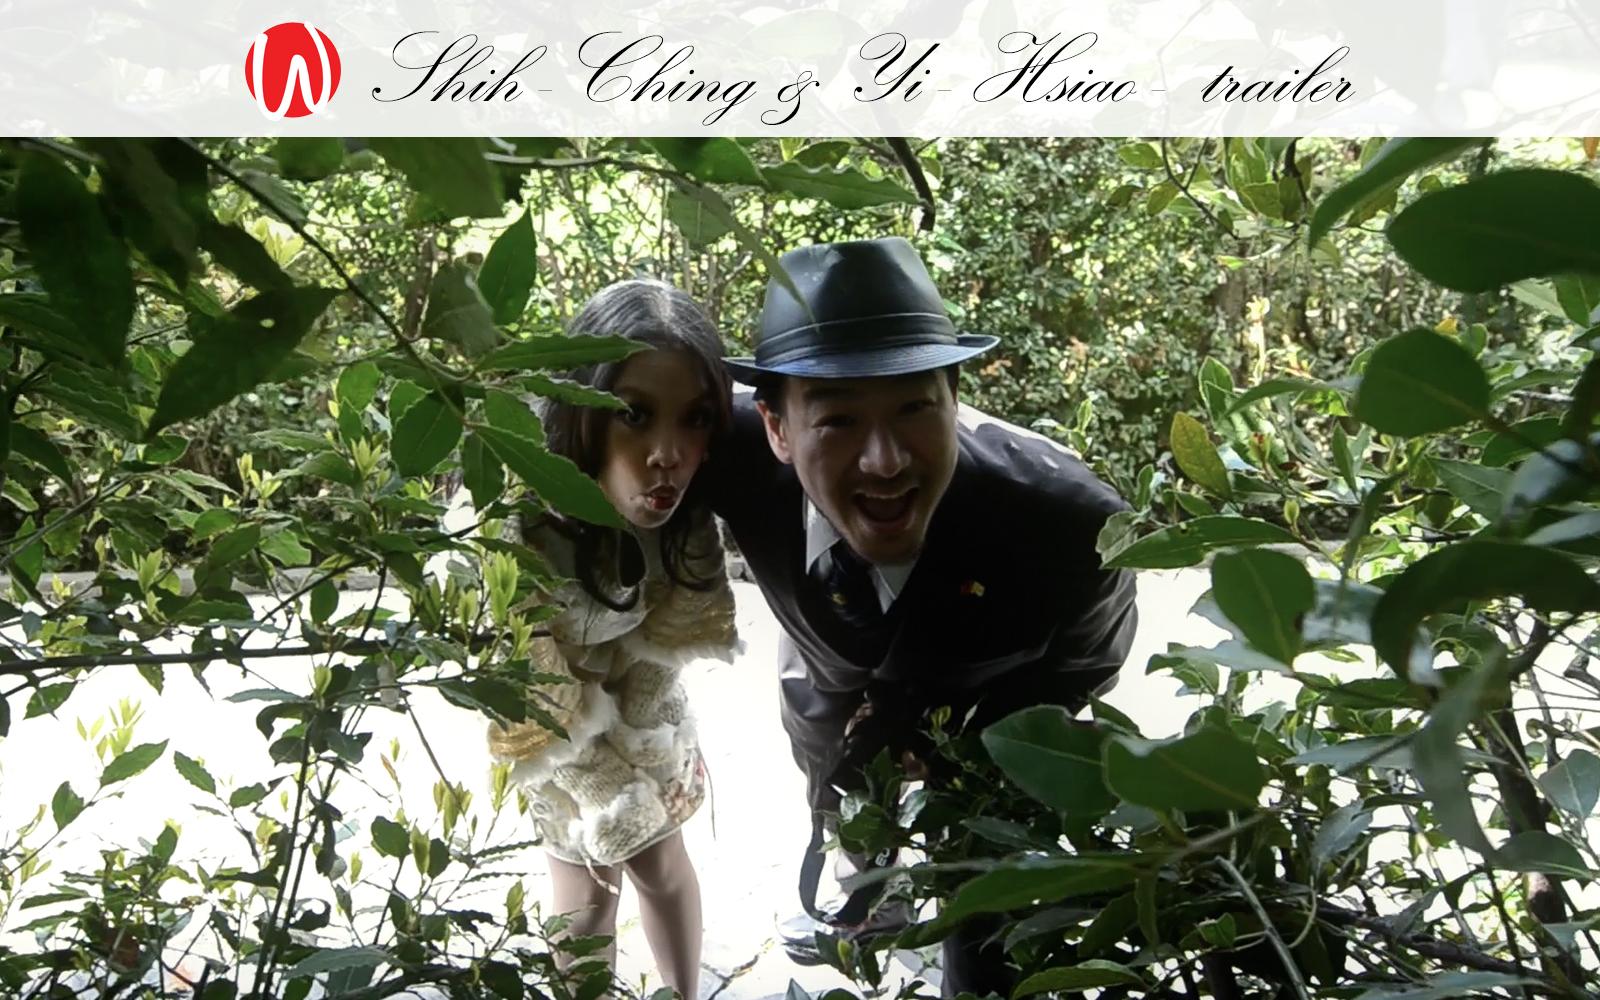 Shih-Ching & Yi-Hsiao